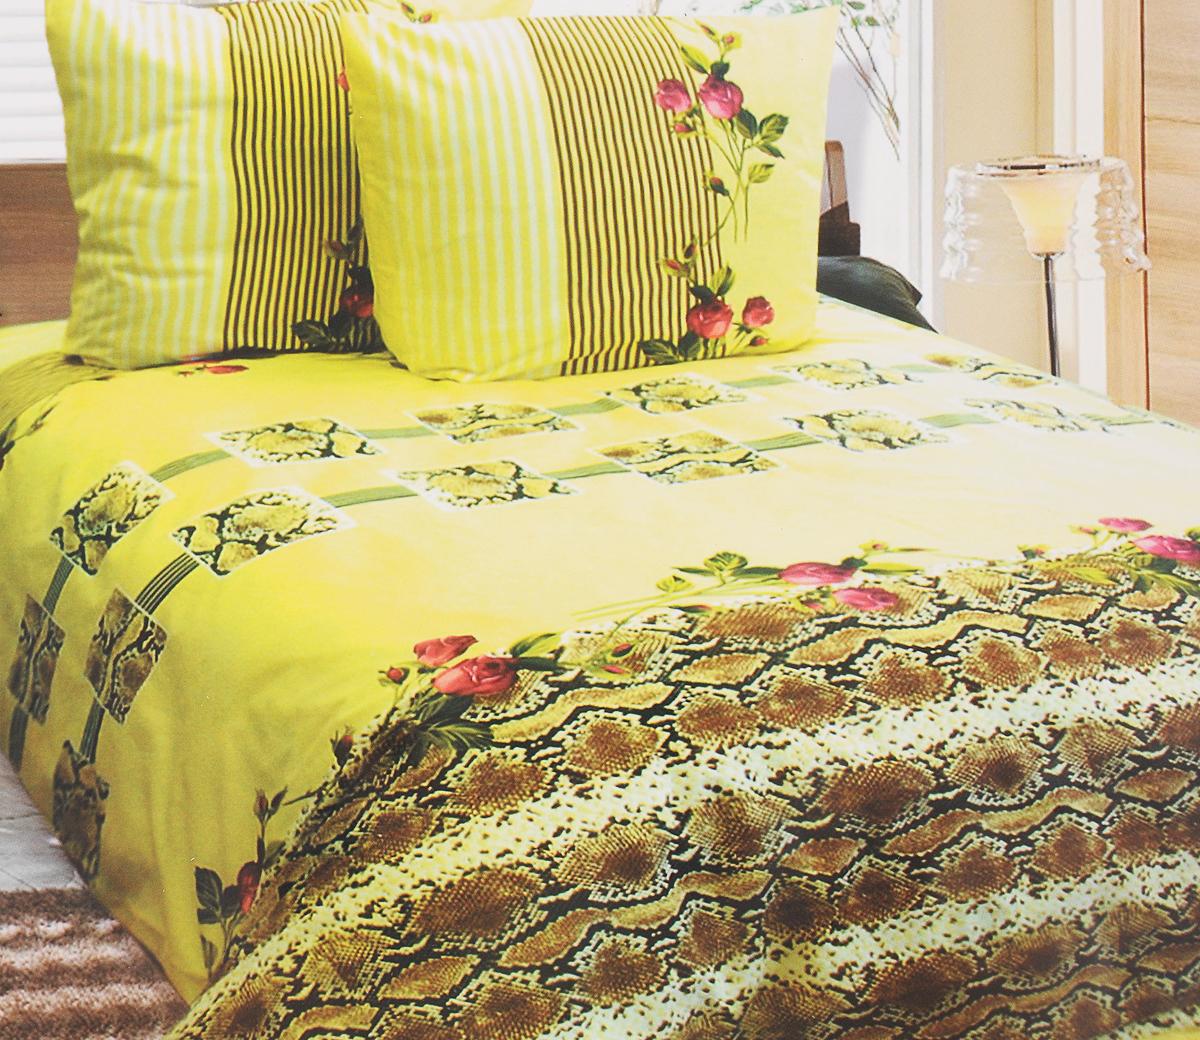 Комплект белья Катюша Клеопатра, 1,5-спальный, наволочки 50х70, цвет: светло-желтый, коричневый, красныйC-264/3954Комплект постельного белья Катюша Клеопатра является экологически безопасным для всей семьи, так как выполнен из бязи (100% хлопок). Комплект состоит из пододеяльника, простыни и двух наволочек. Постельное белье оформлено оригинальным рисунком и имеет изысканный внешний вид. Бязь - это ткань полотняного переплетения, изготовленная из экологически чистого и натурального 100% хлопка. Она прочная, мягкая, обладает низкой сминаемостью, легко стирается и хорошо гладится. Бязь прекрасно пропускает воздух, и за ней легко ухаживать. При соблюдении рекомендуемых условий стирки, сушки и глажения ткань имеет усадку по ГОСТу, сохранятся яркость текстильных рисунков. Приобретая комплект постельного белья Катюша Клеопатра, вы можете быть уверены в том, что покупка доставит вам и вашим близким удовольствие и подарит максимальный комфорт.